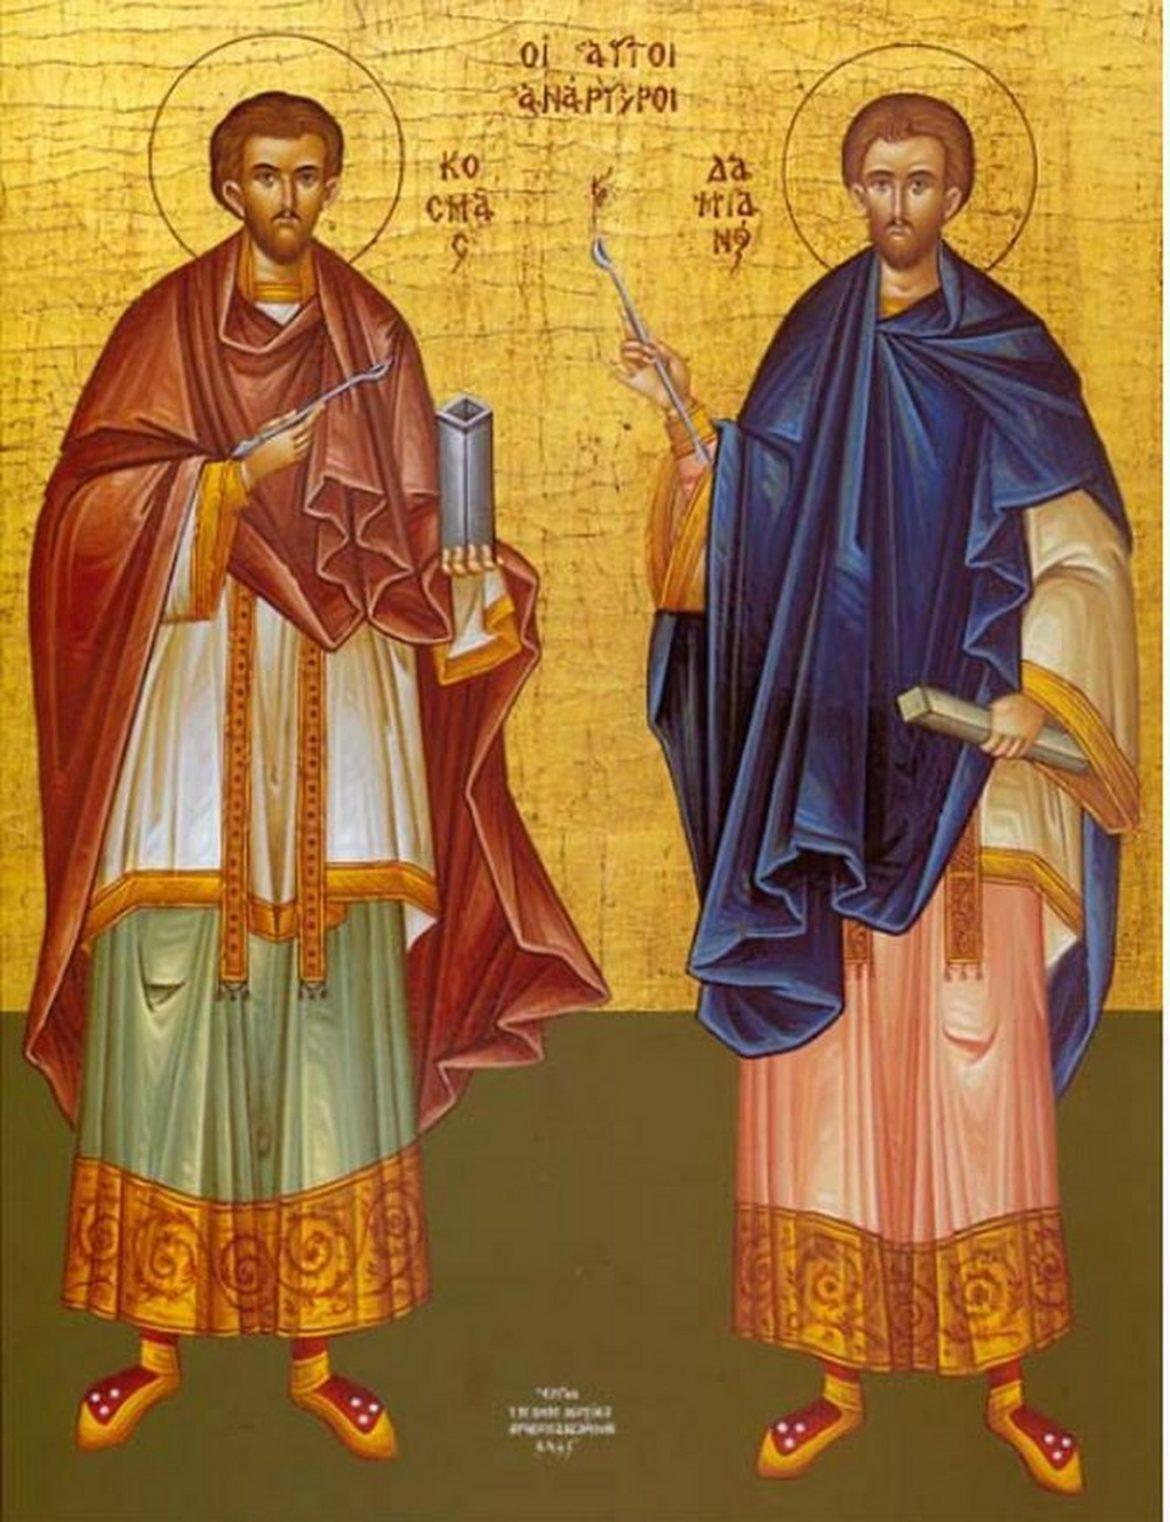 Danas je praznik posvećen Kozmi i Damjanu